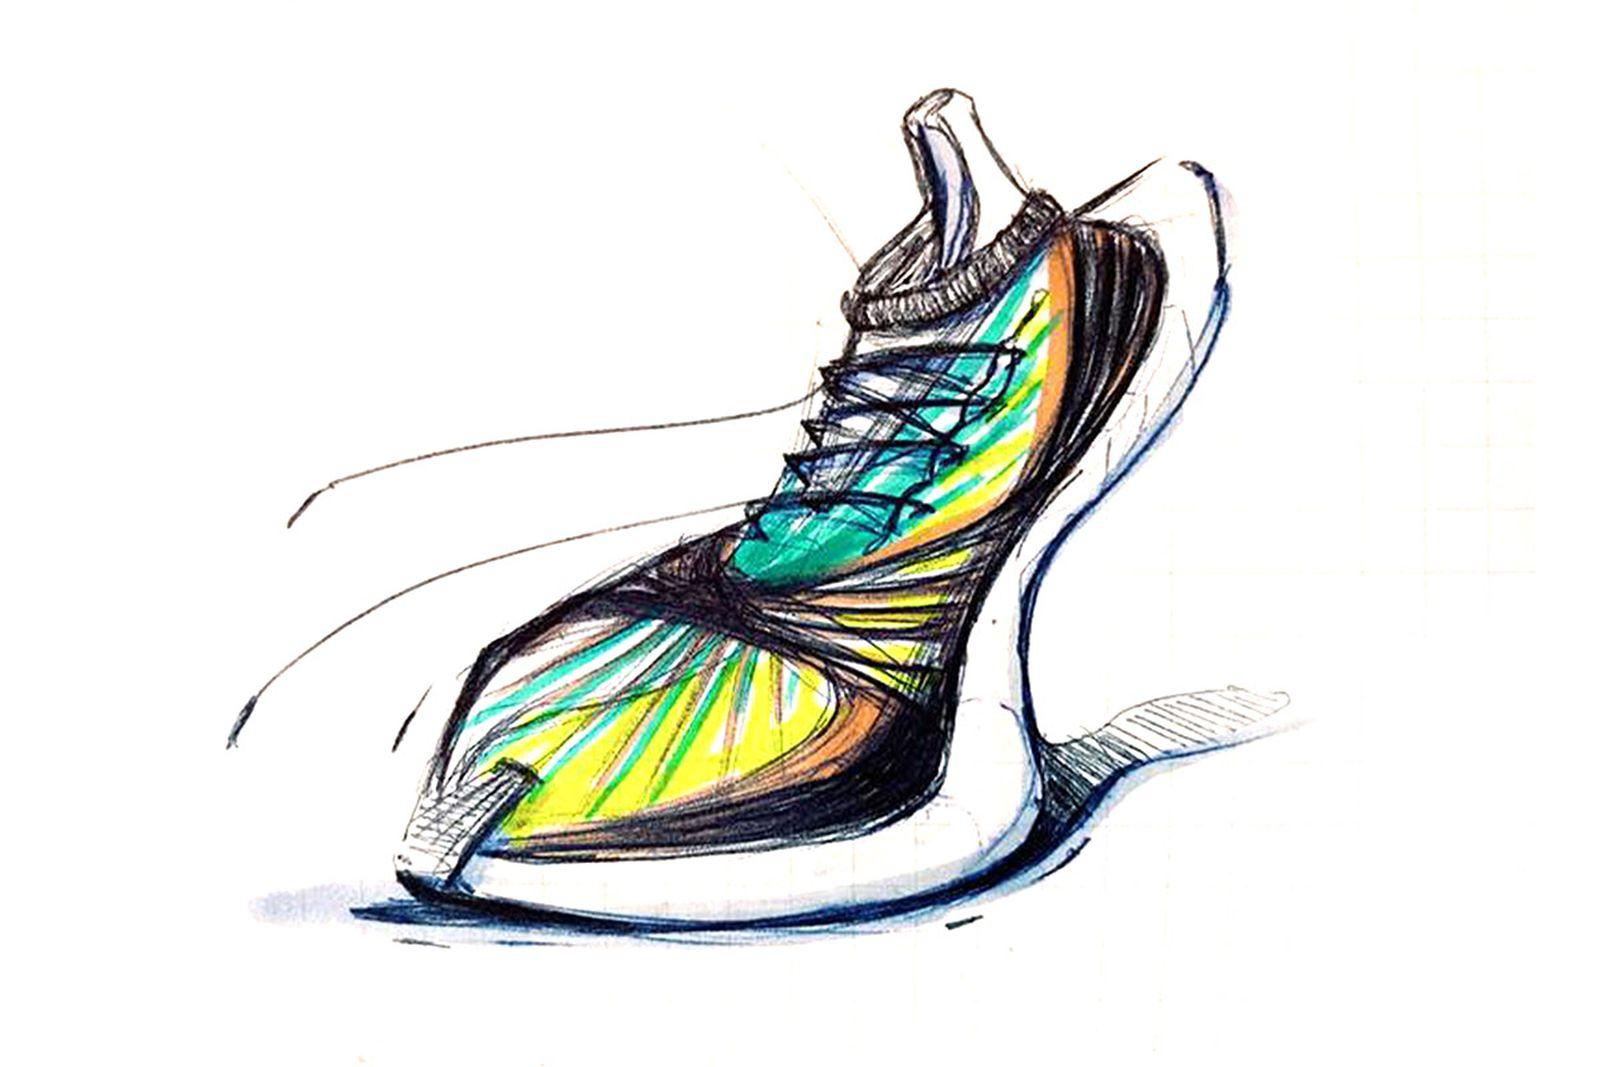 adidas-futurecraft-strung-deep-dive-interview-04